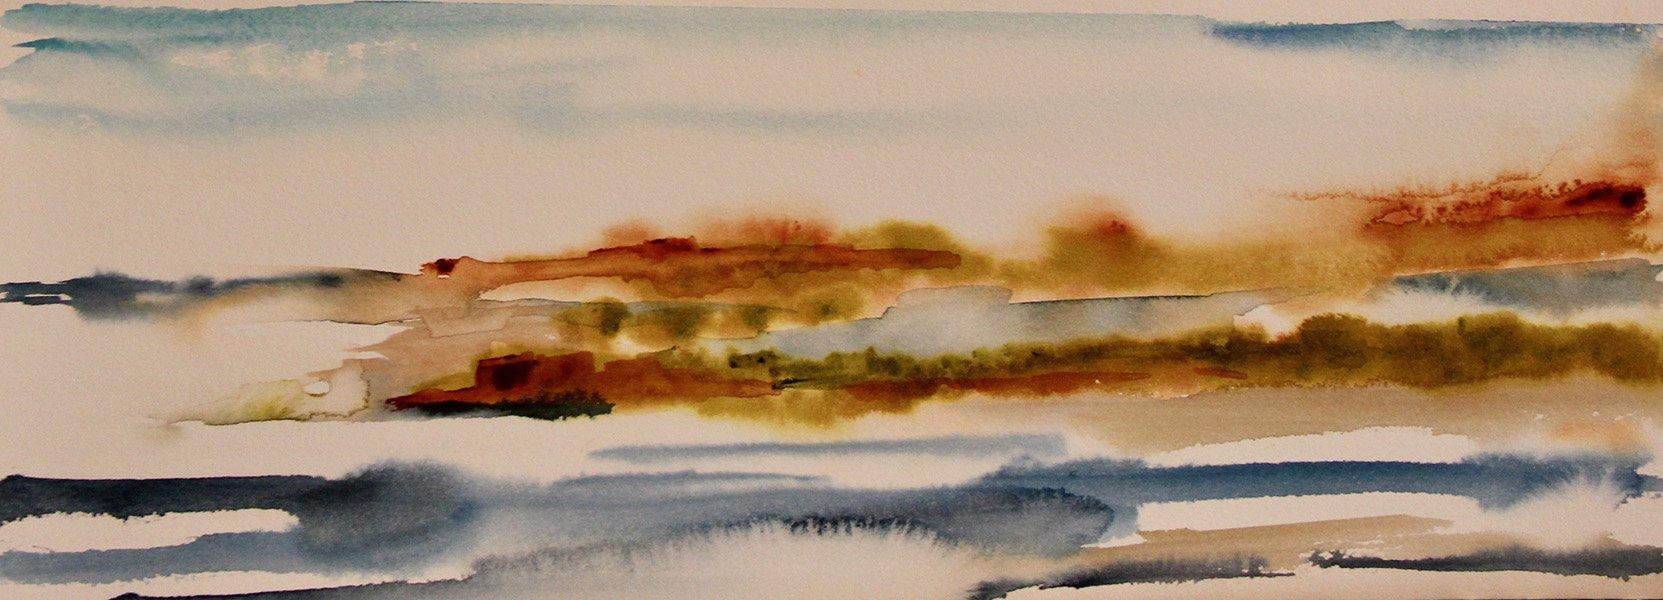 Aube sur le Marais 1<br /> Watercolour on Arches 300gsm<br /> 10 cm x 30 cm